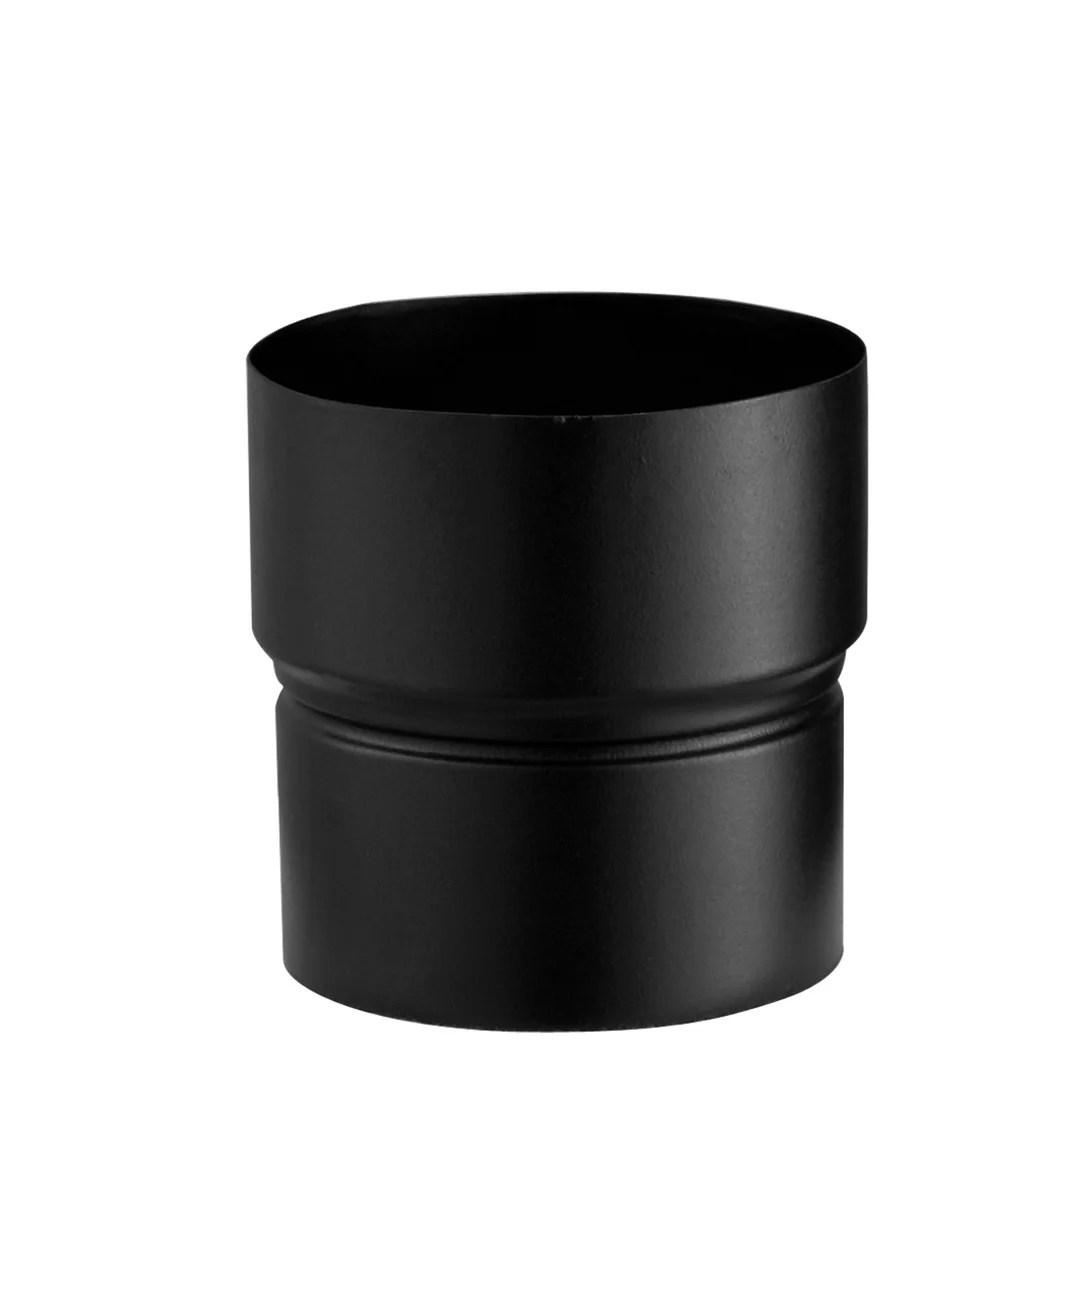 reduction pour raccordement poujoulat d 150 noir cm